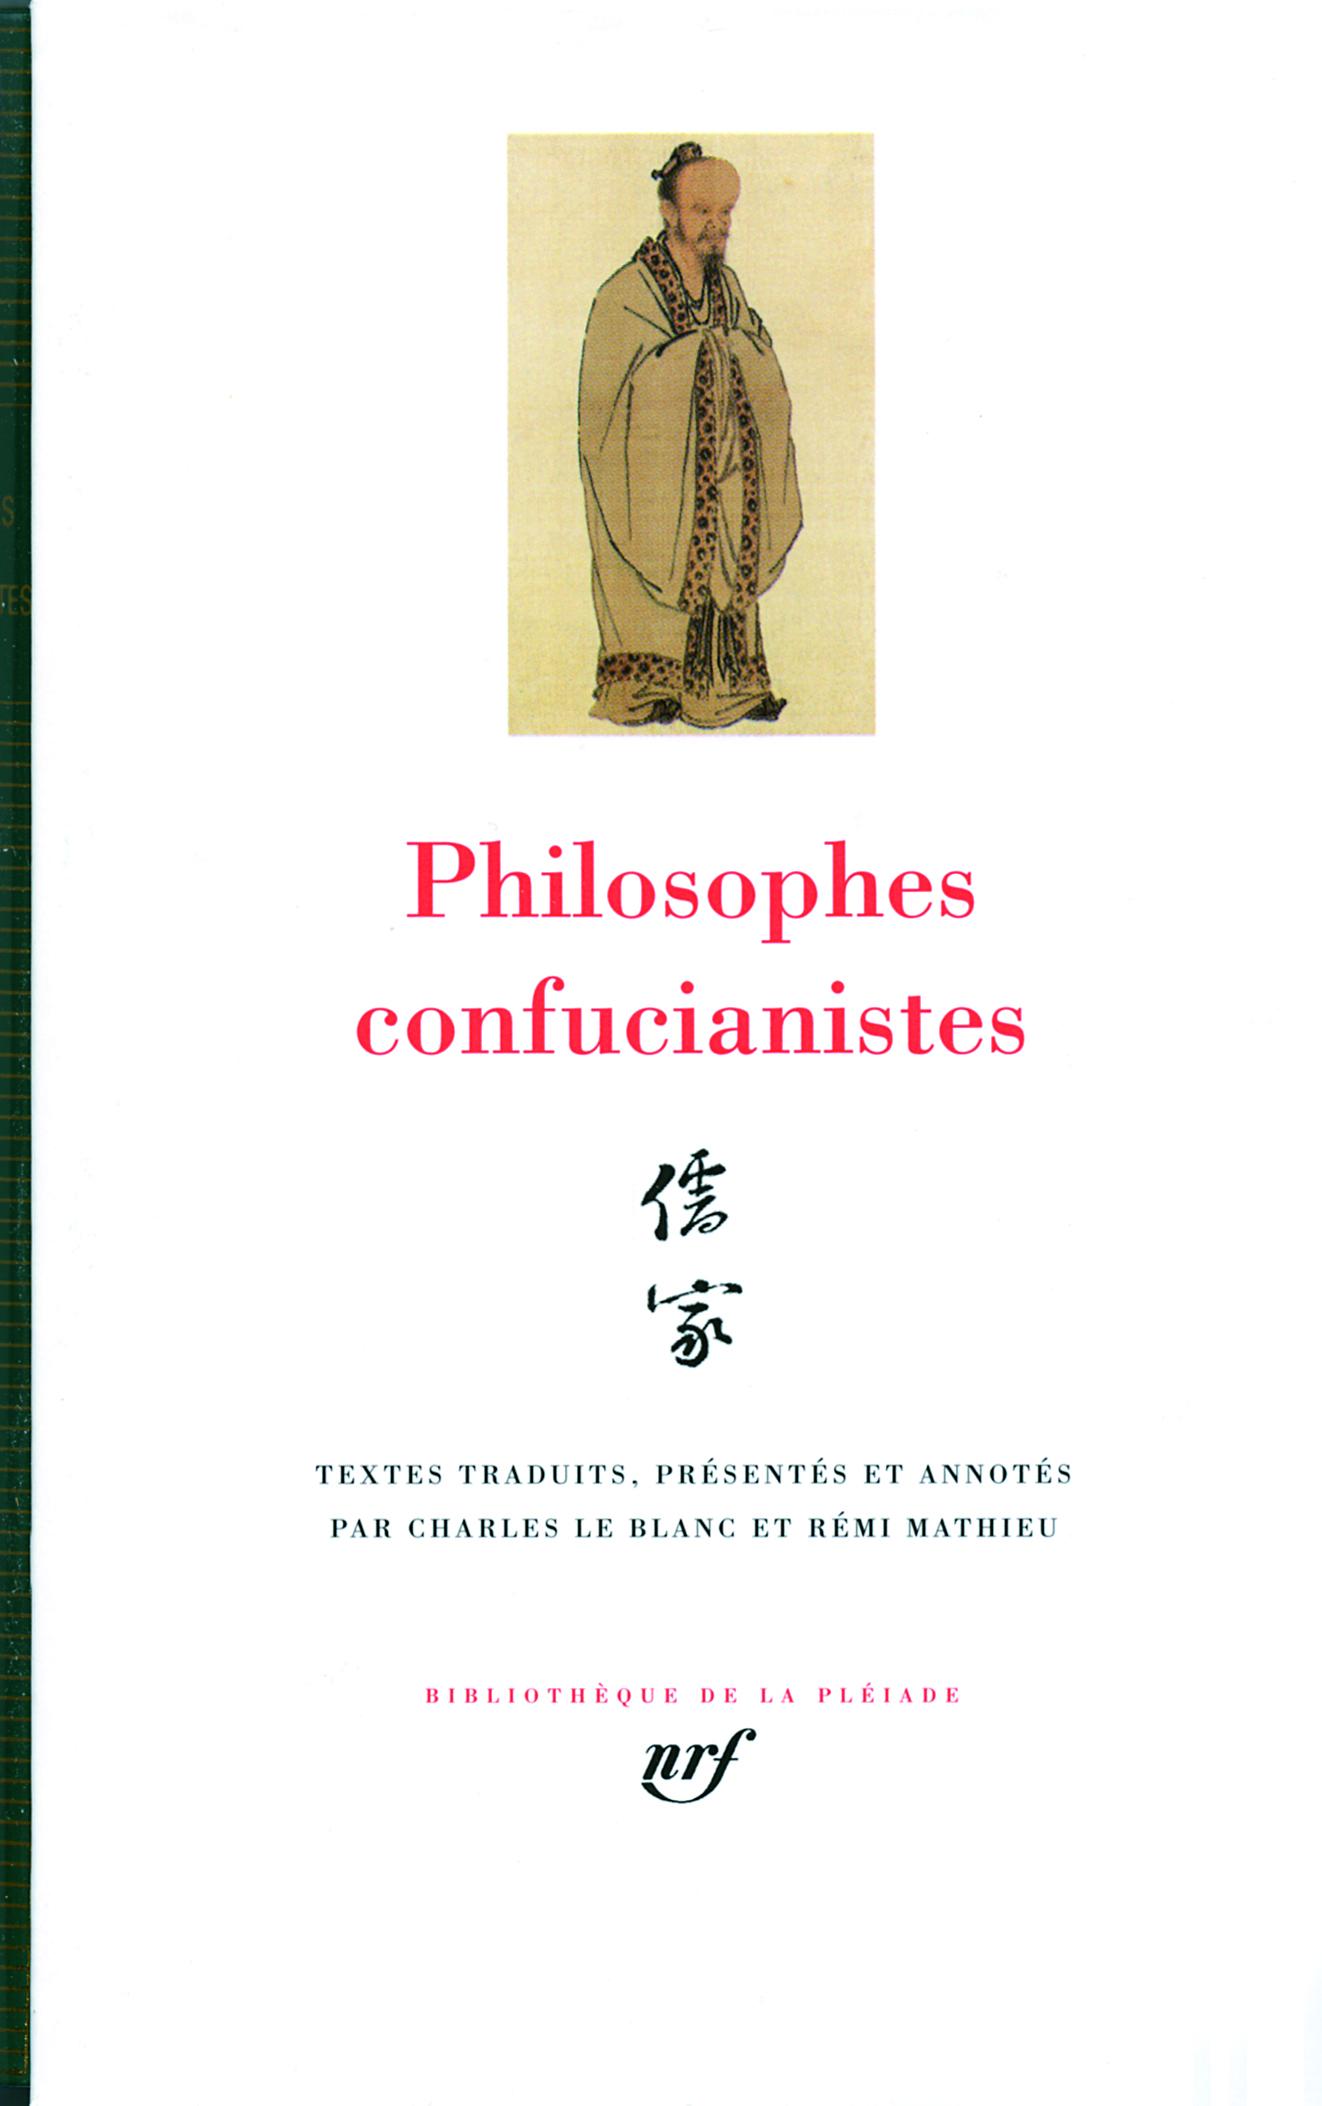 PHILOSOPHES CONFUCIANISTES